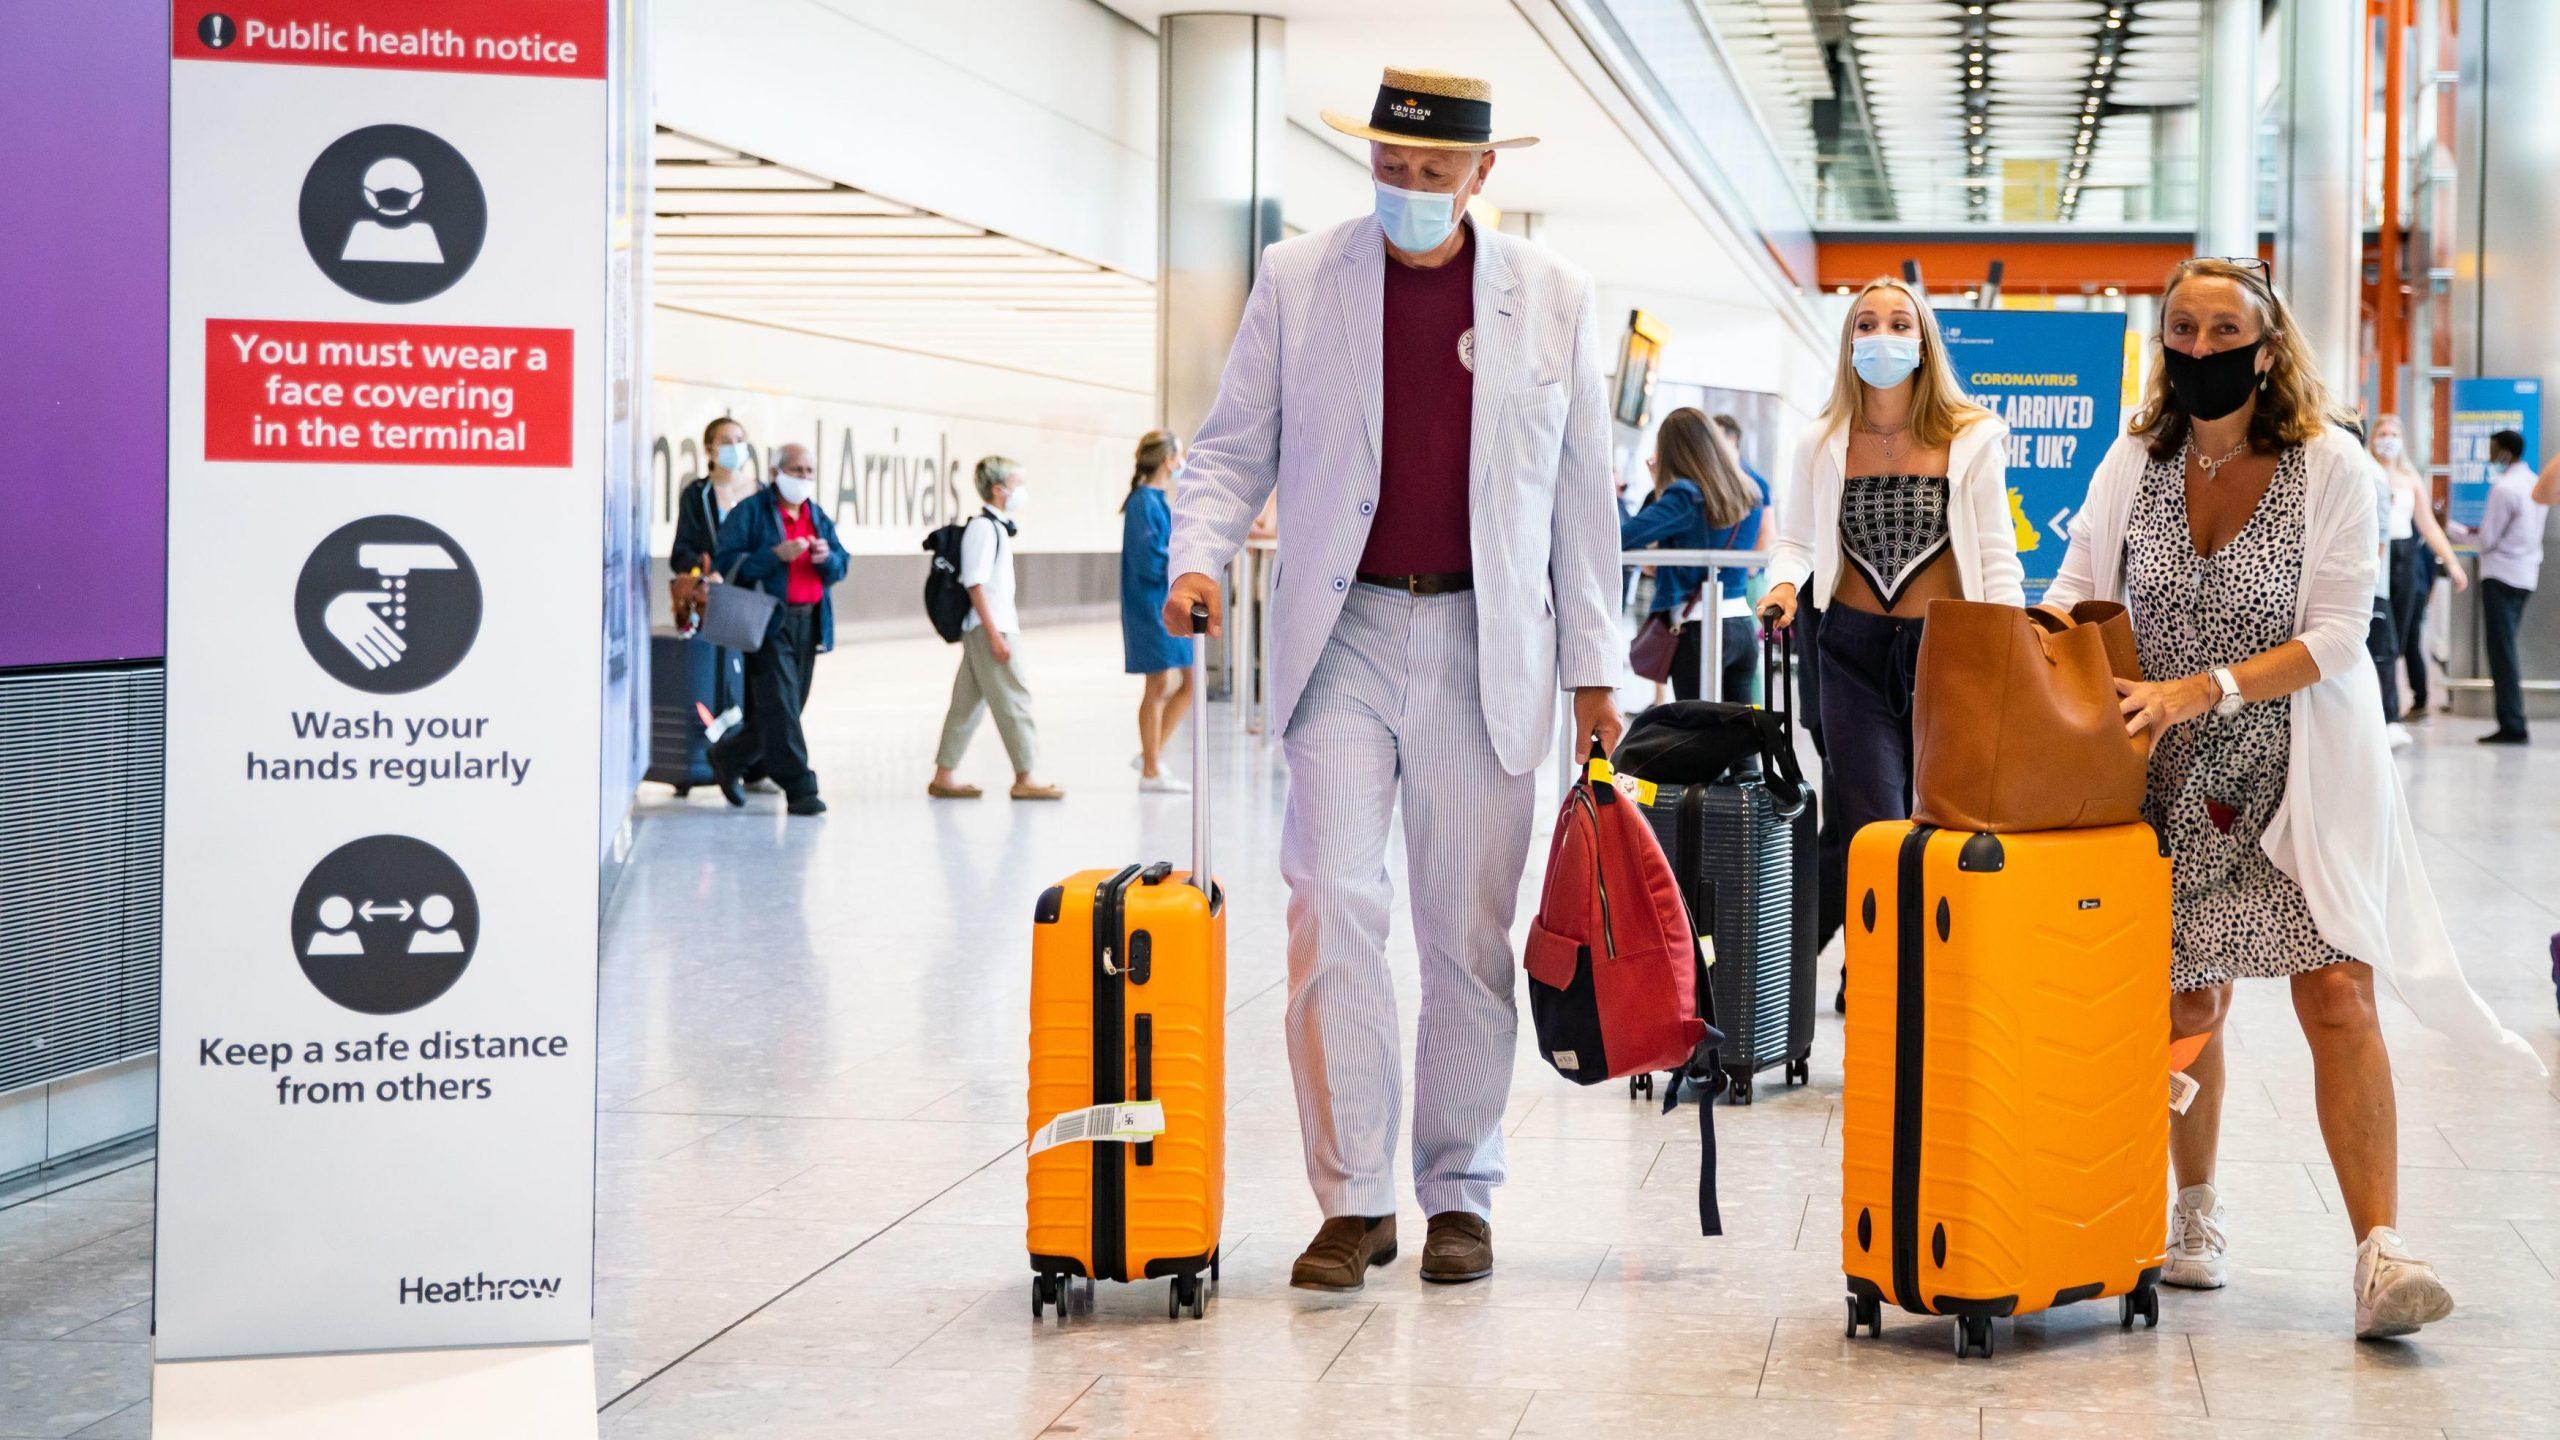 Κορωνοϊός ψηφιακό διαβατήριο υγείας: Για ασφαλή αεροπορικά ταξίδια